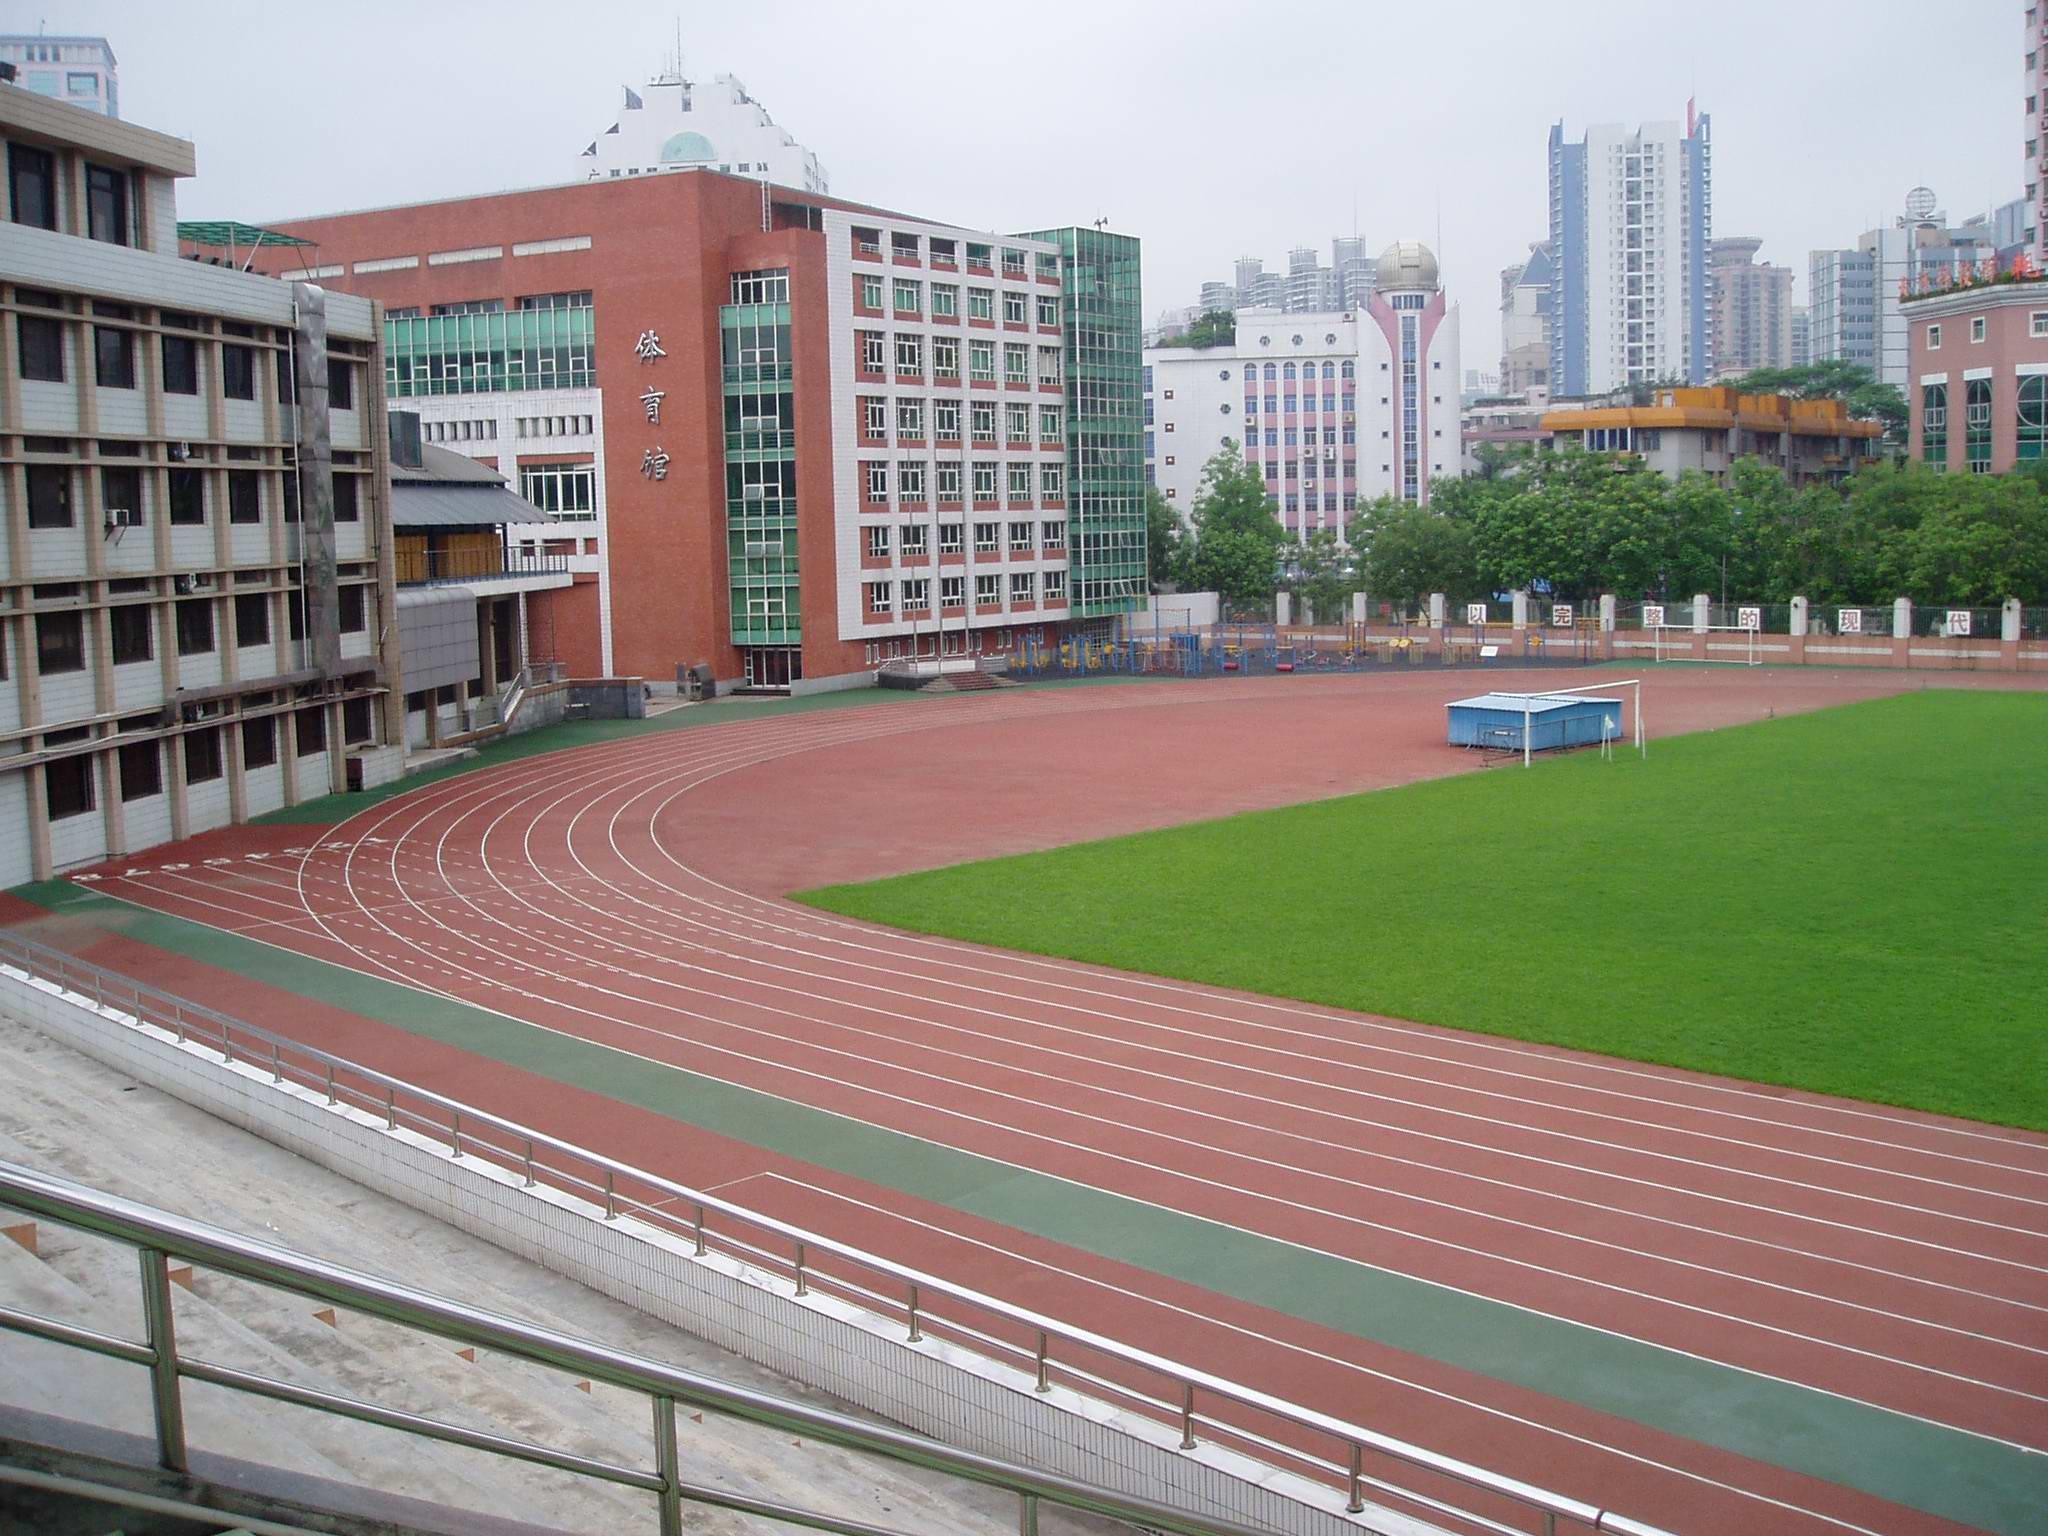 华南师大附中田径场,从左到右为北教学楼、体育馆